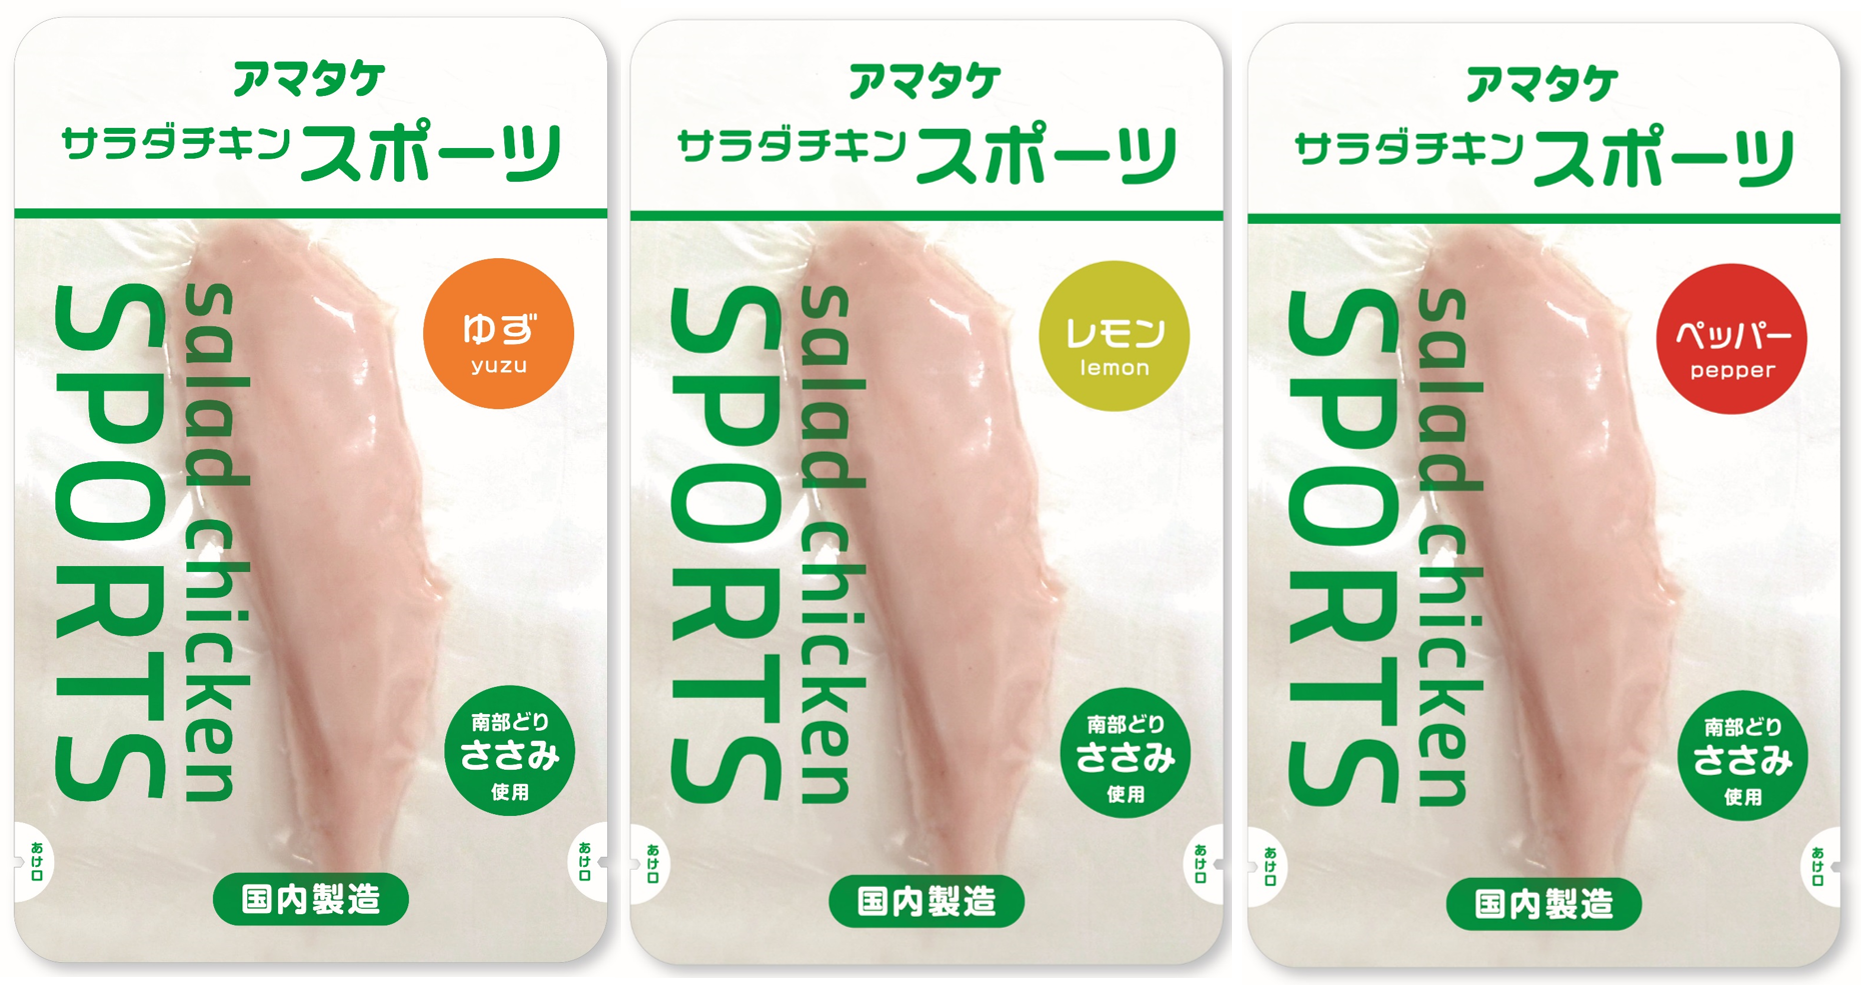 サラダチキンスポーツ発売開始!